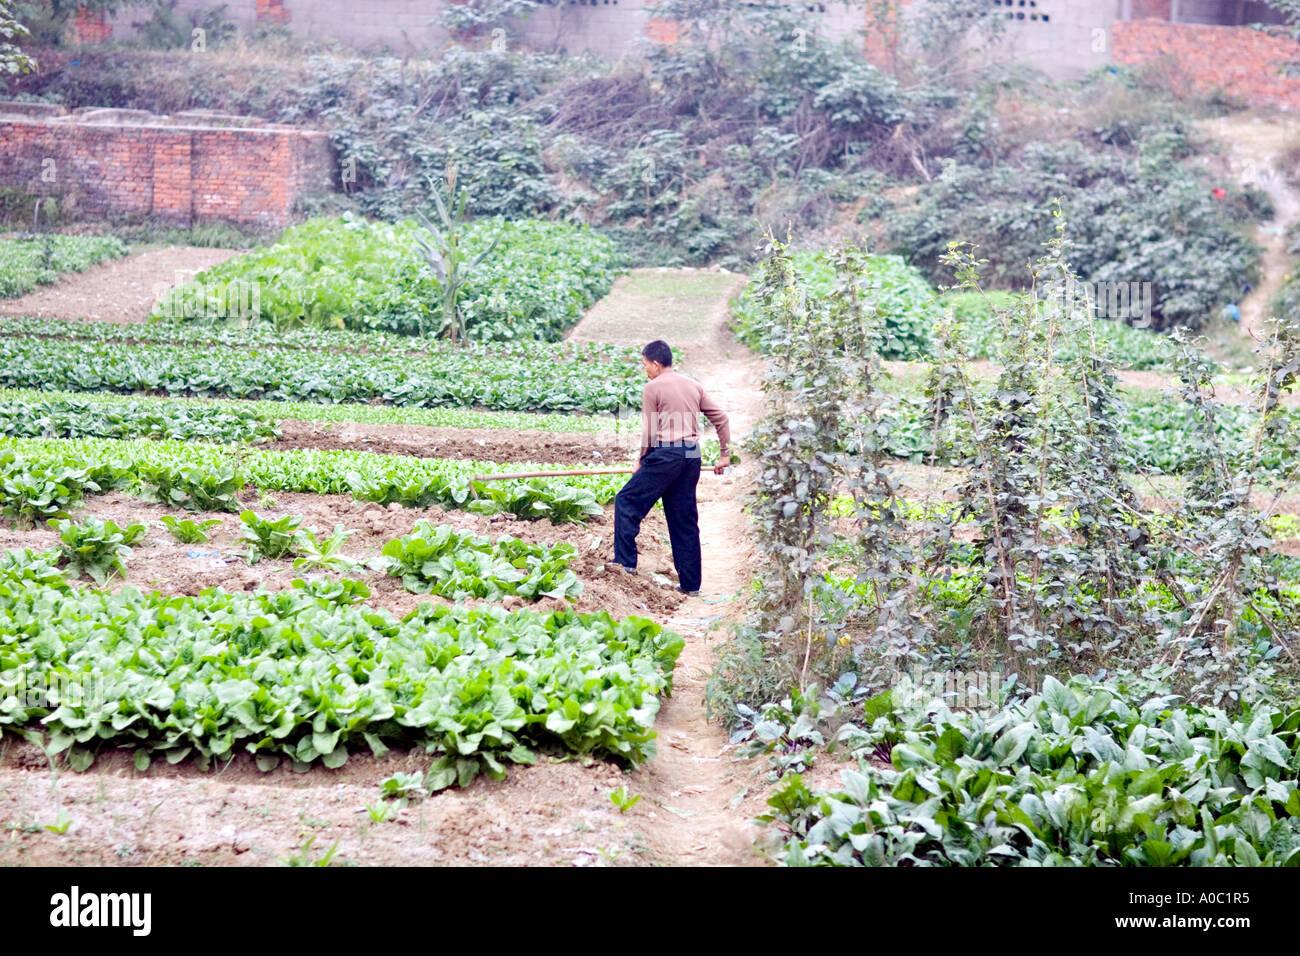 Shanghai Suburbs Photos & Shanghai Suburbs Images - Alamy